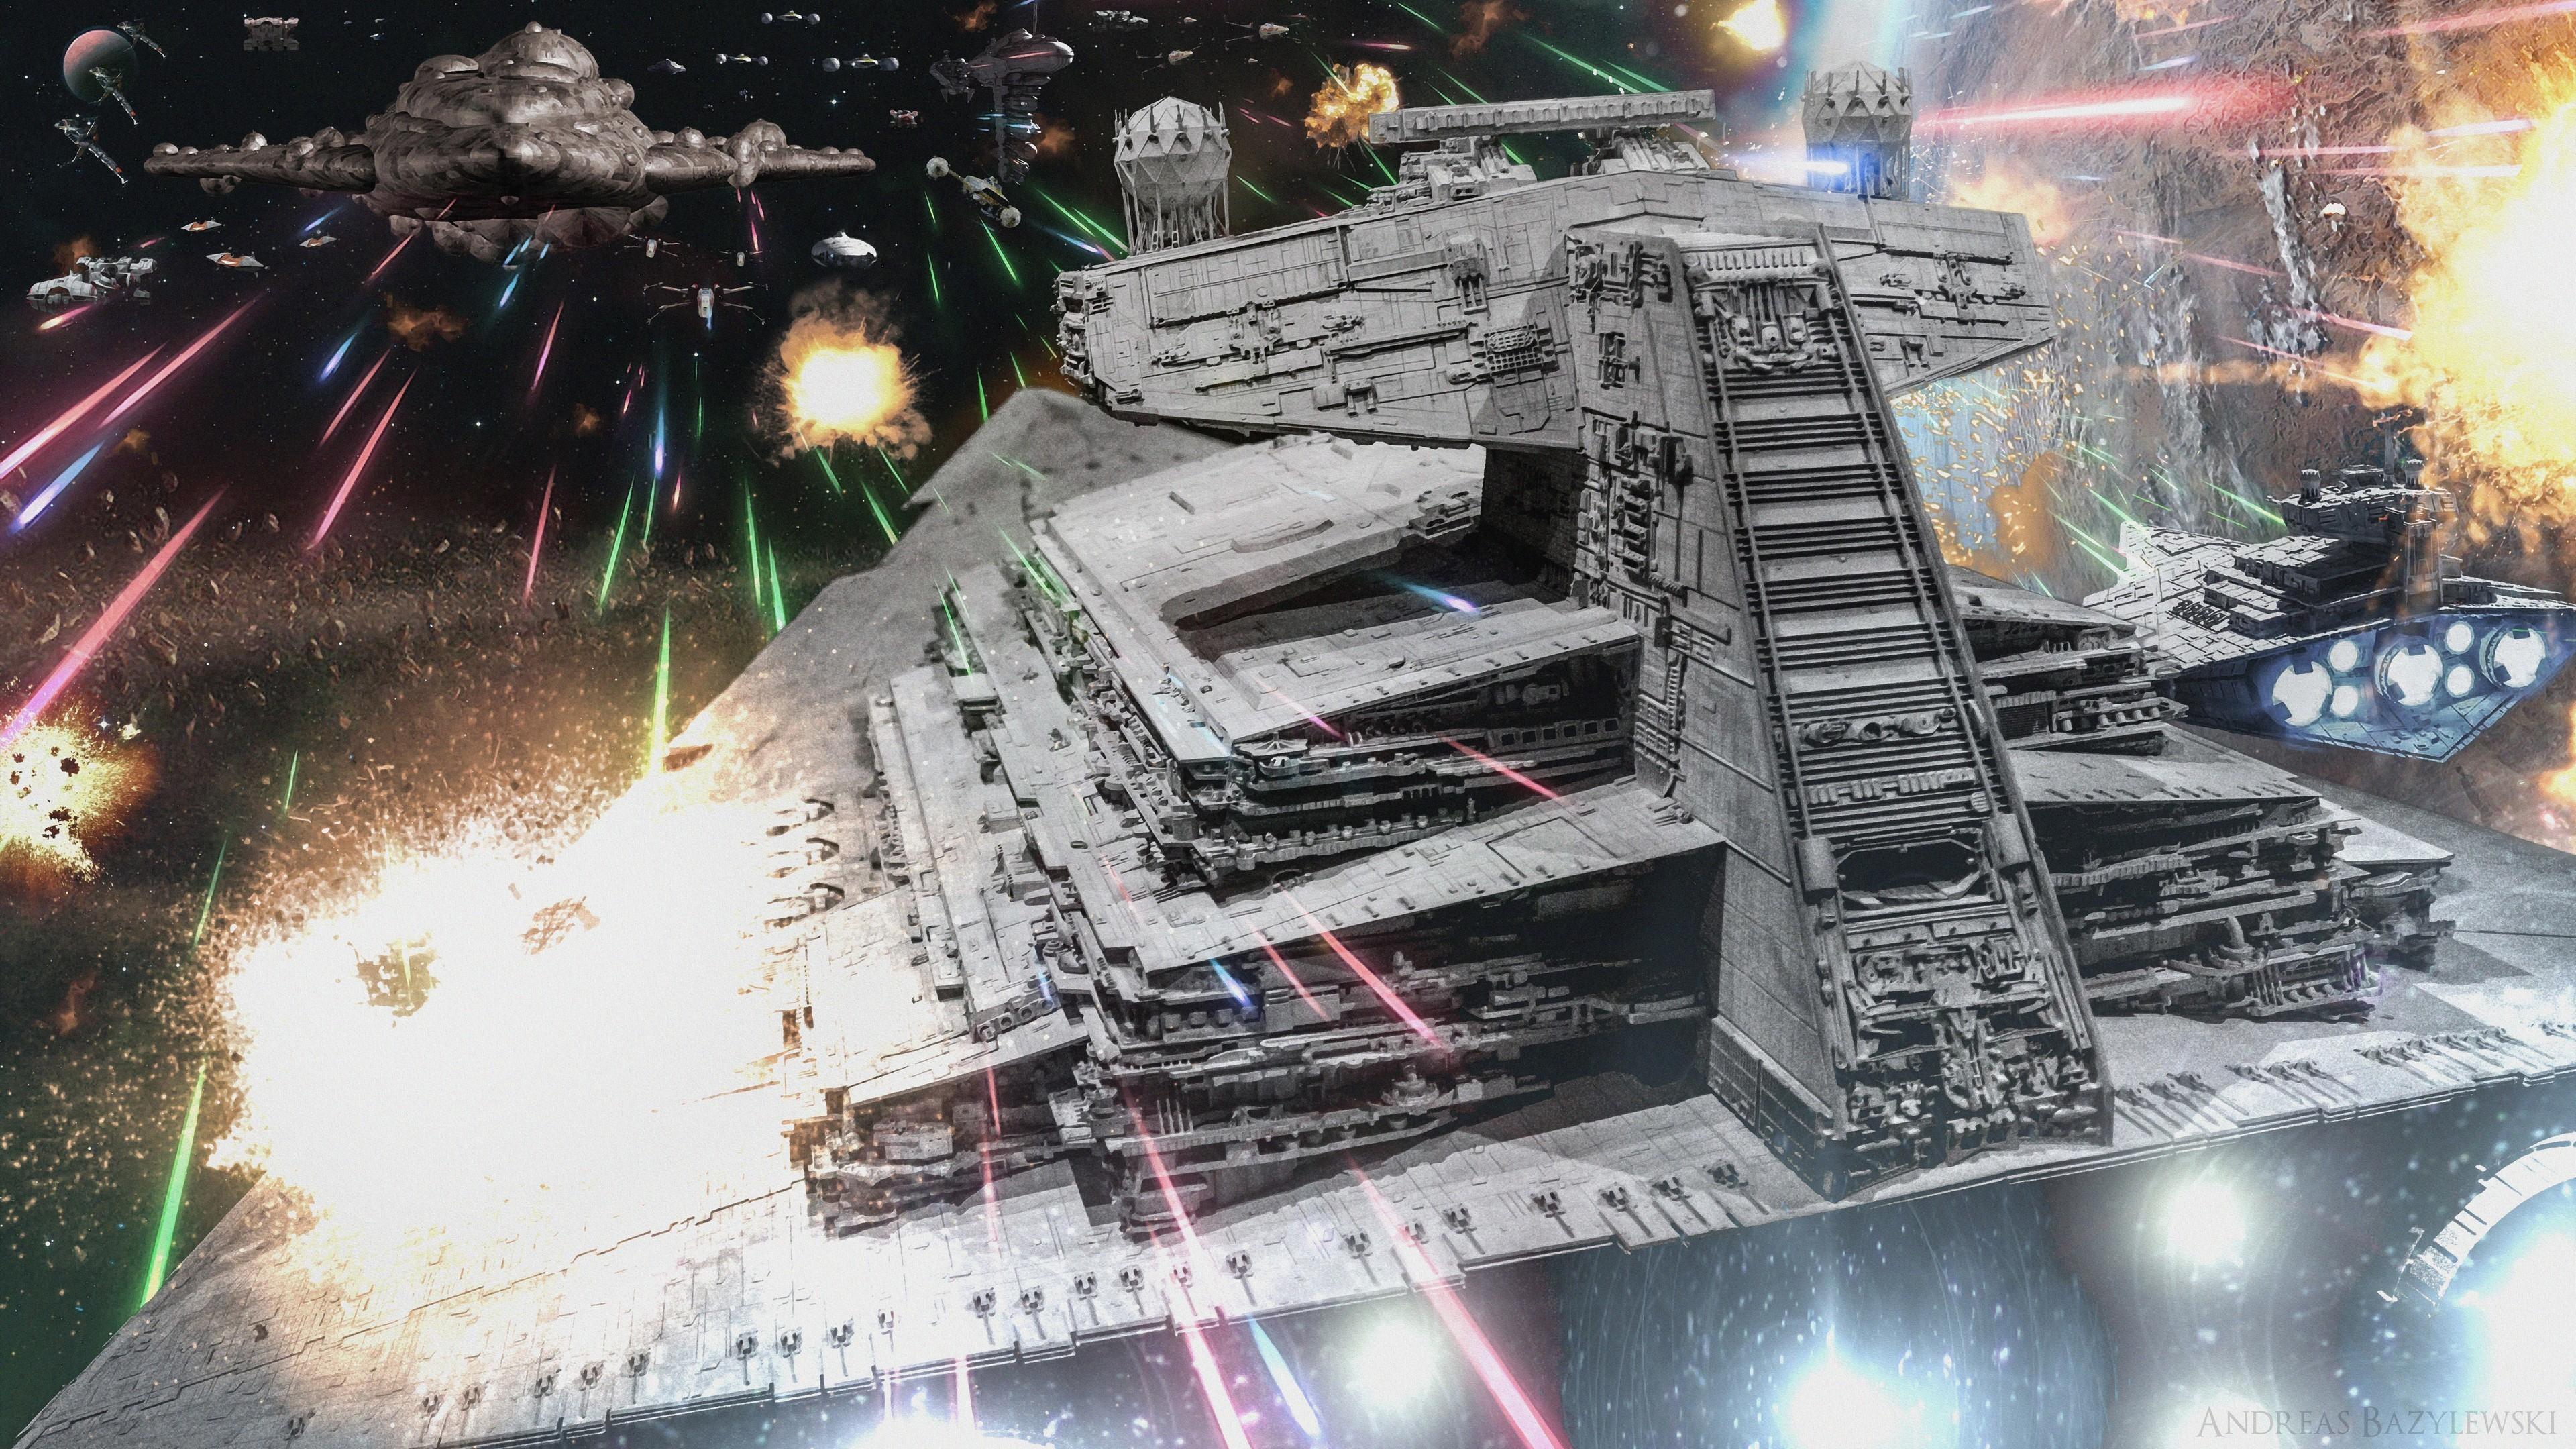 Res: 3840x2160, Star Wars Star Destroyer Spaceship Battle Wallpaper